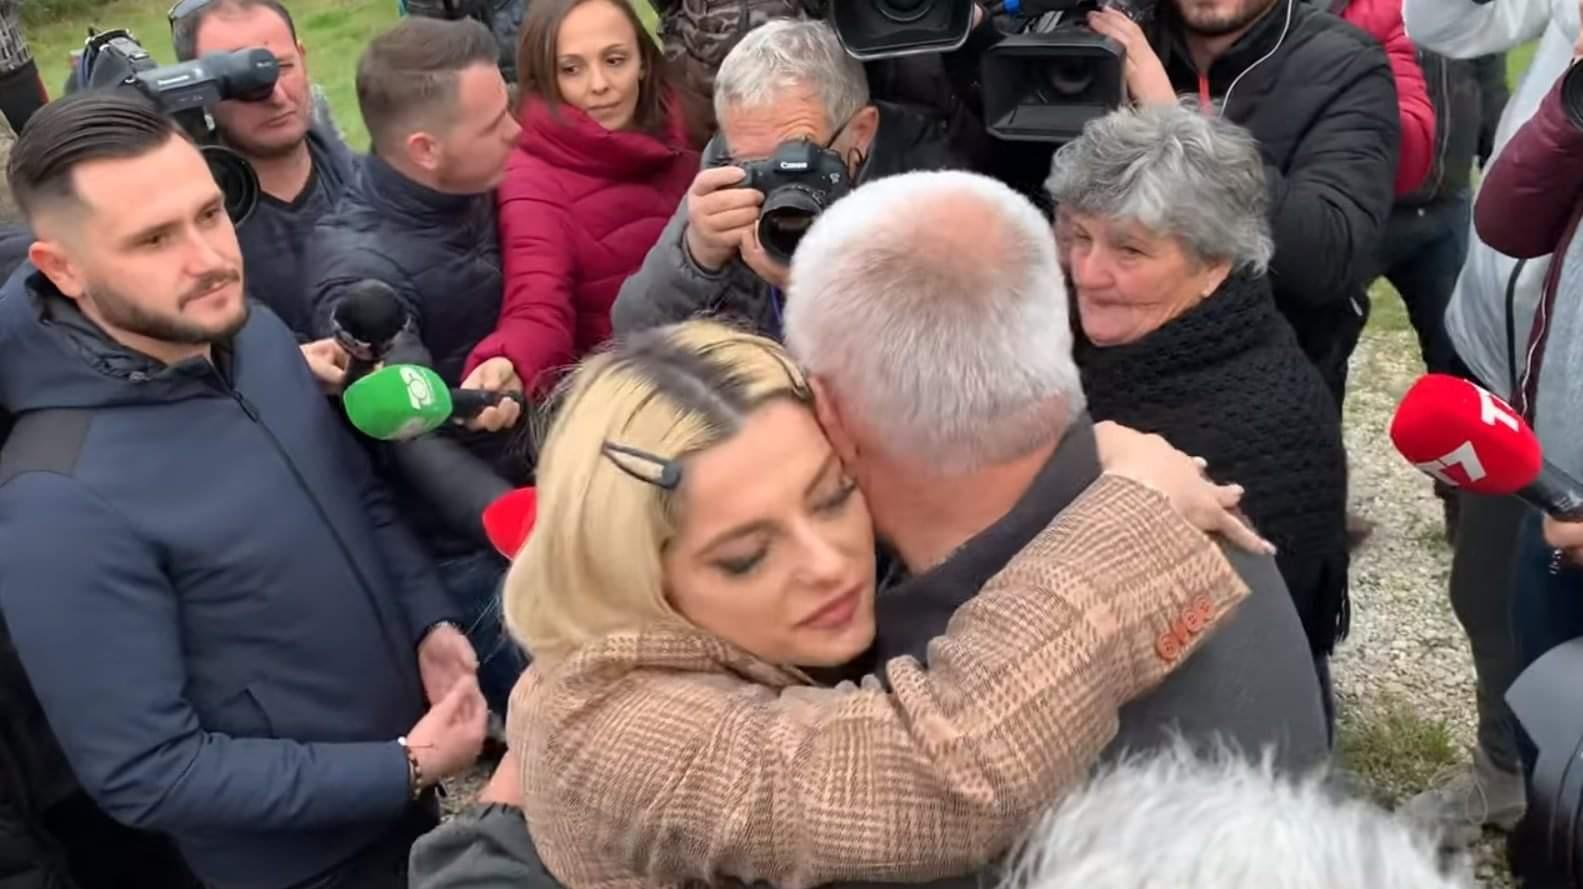 Këngëtarja Bebe Rexha vjen Personalisht në Shqipëri për të Ndihmuar Familjet e Prekura nga Tërmeti